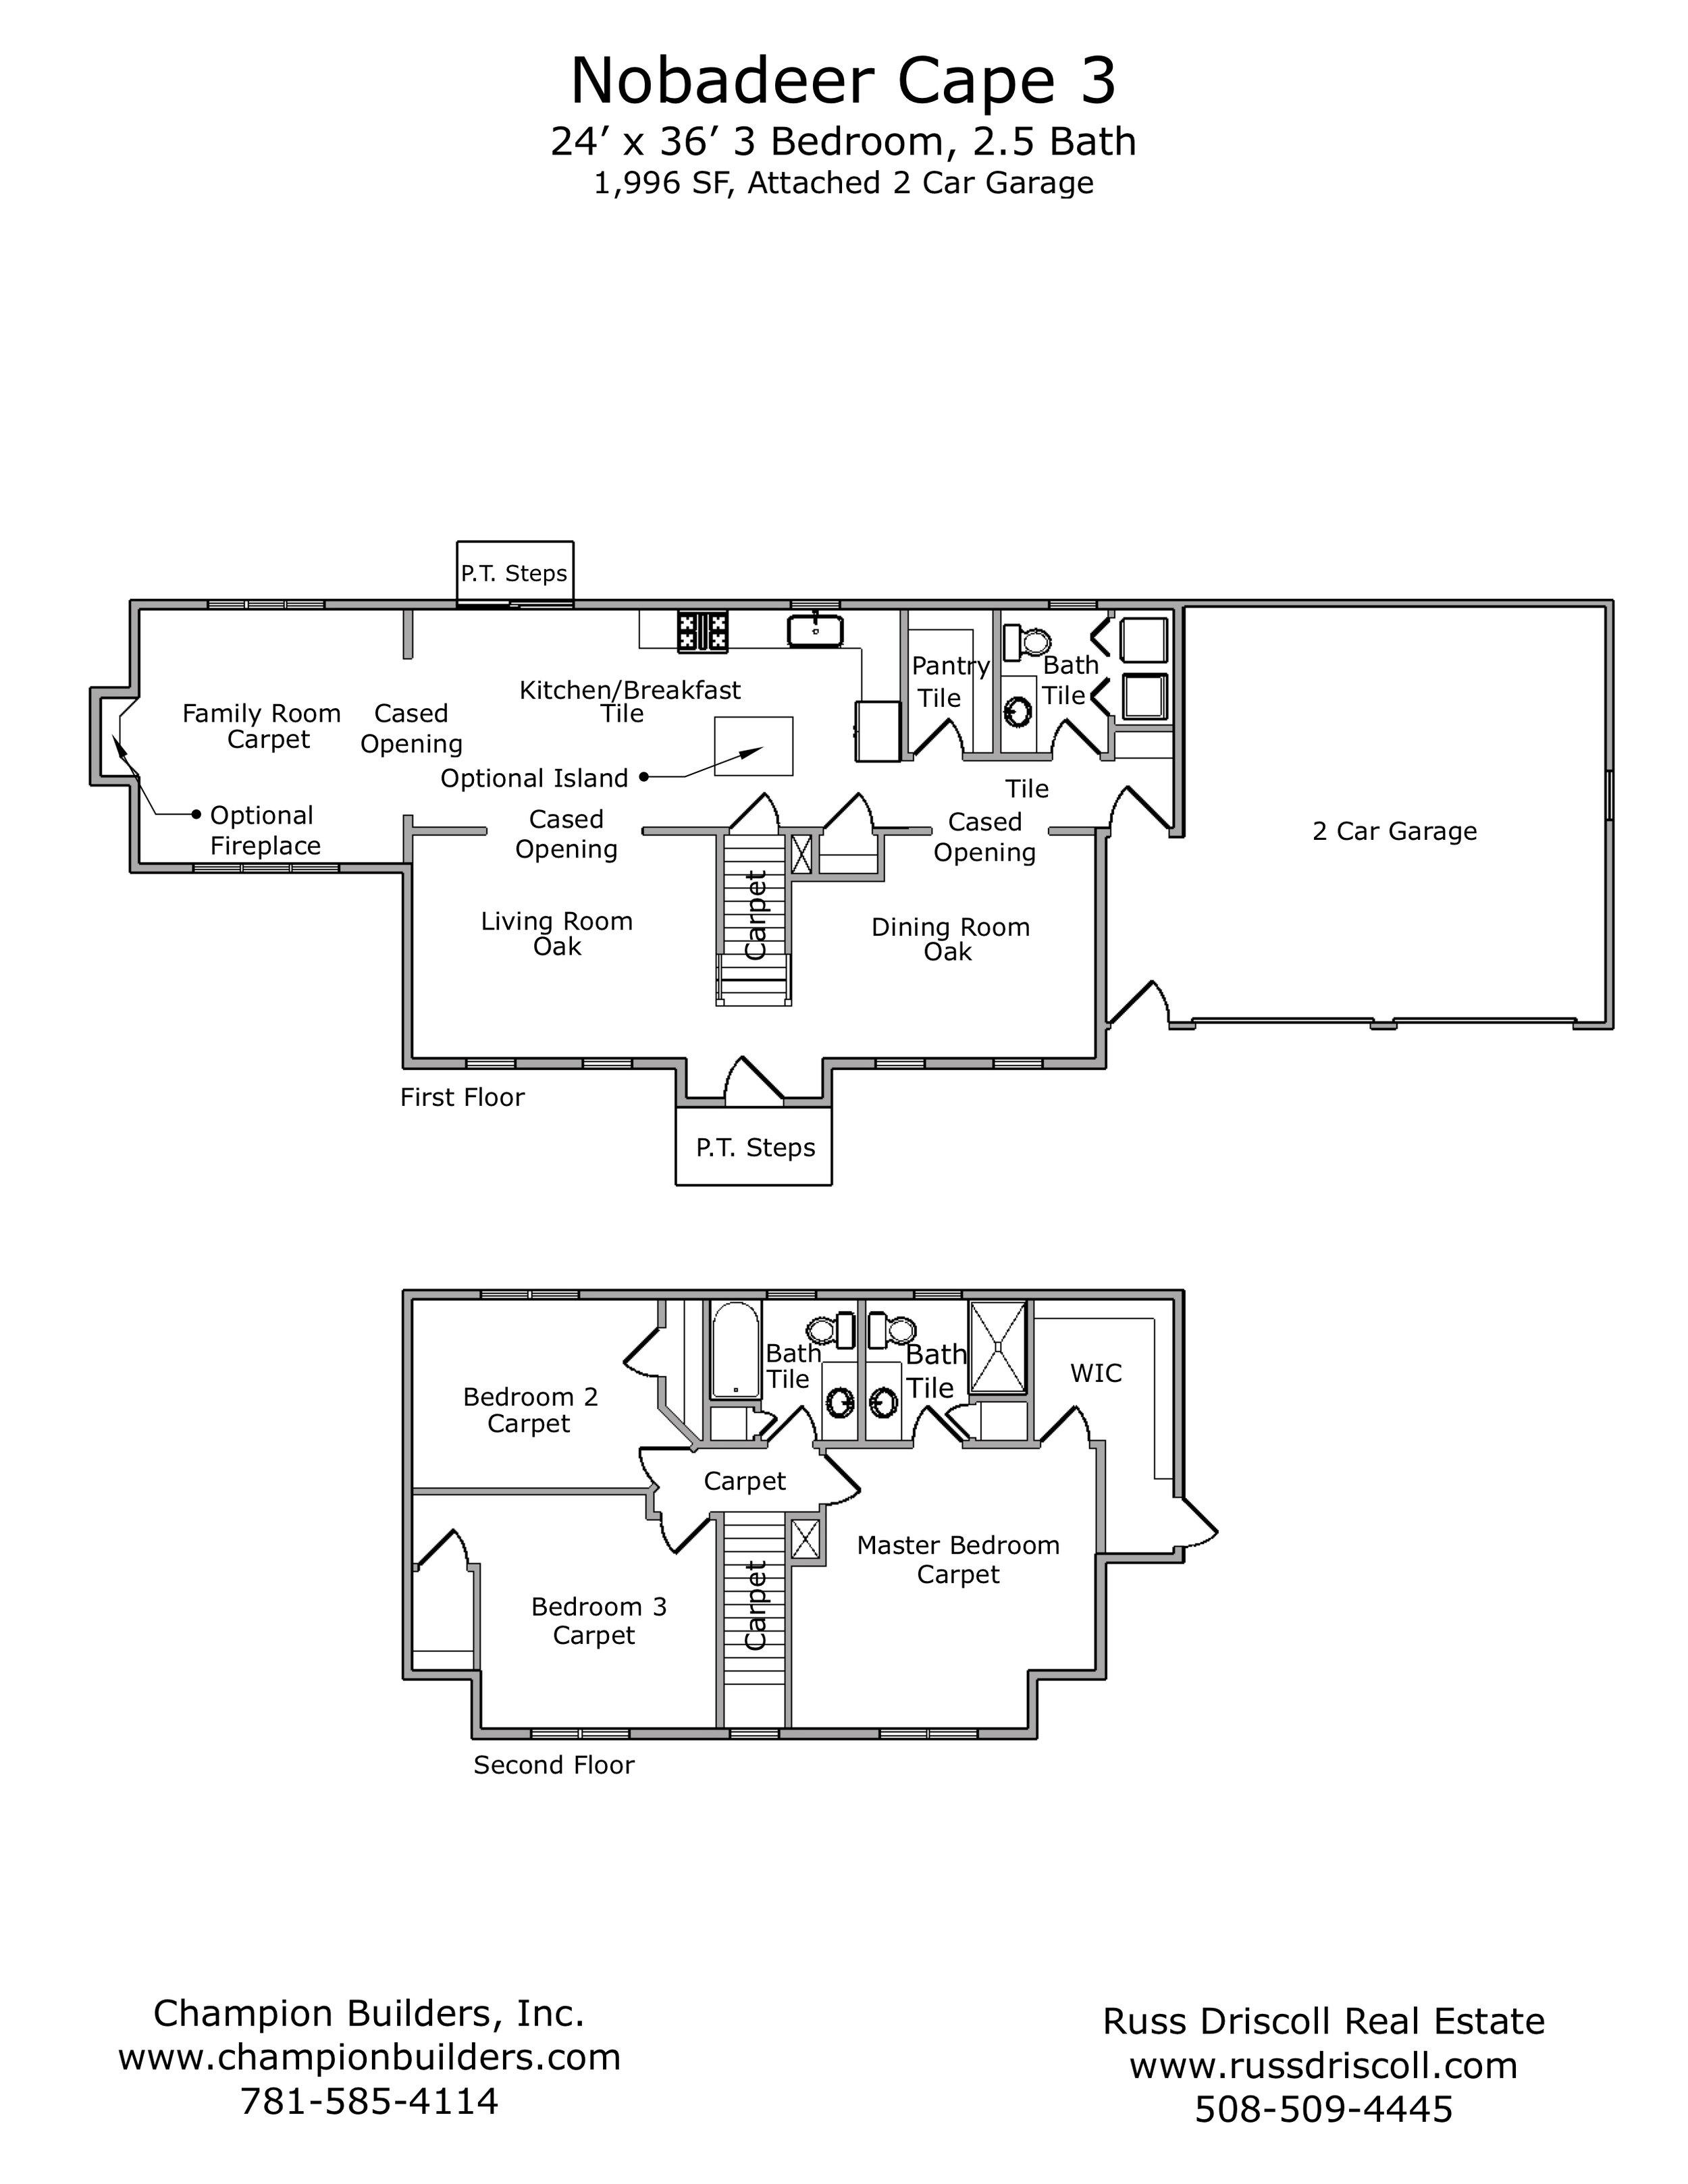 2019-01-18 - nobadeer 3 layout plan.jpg